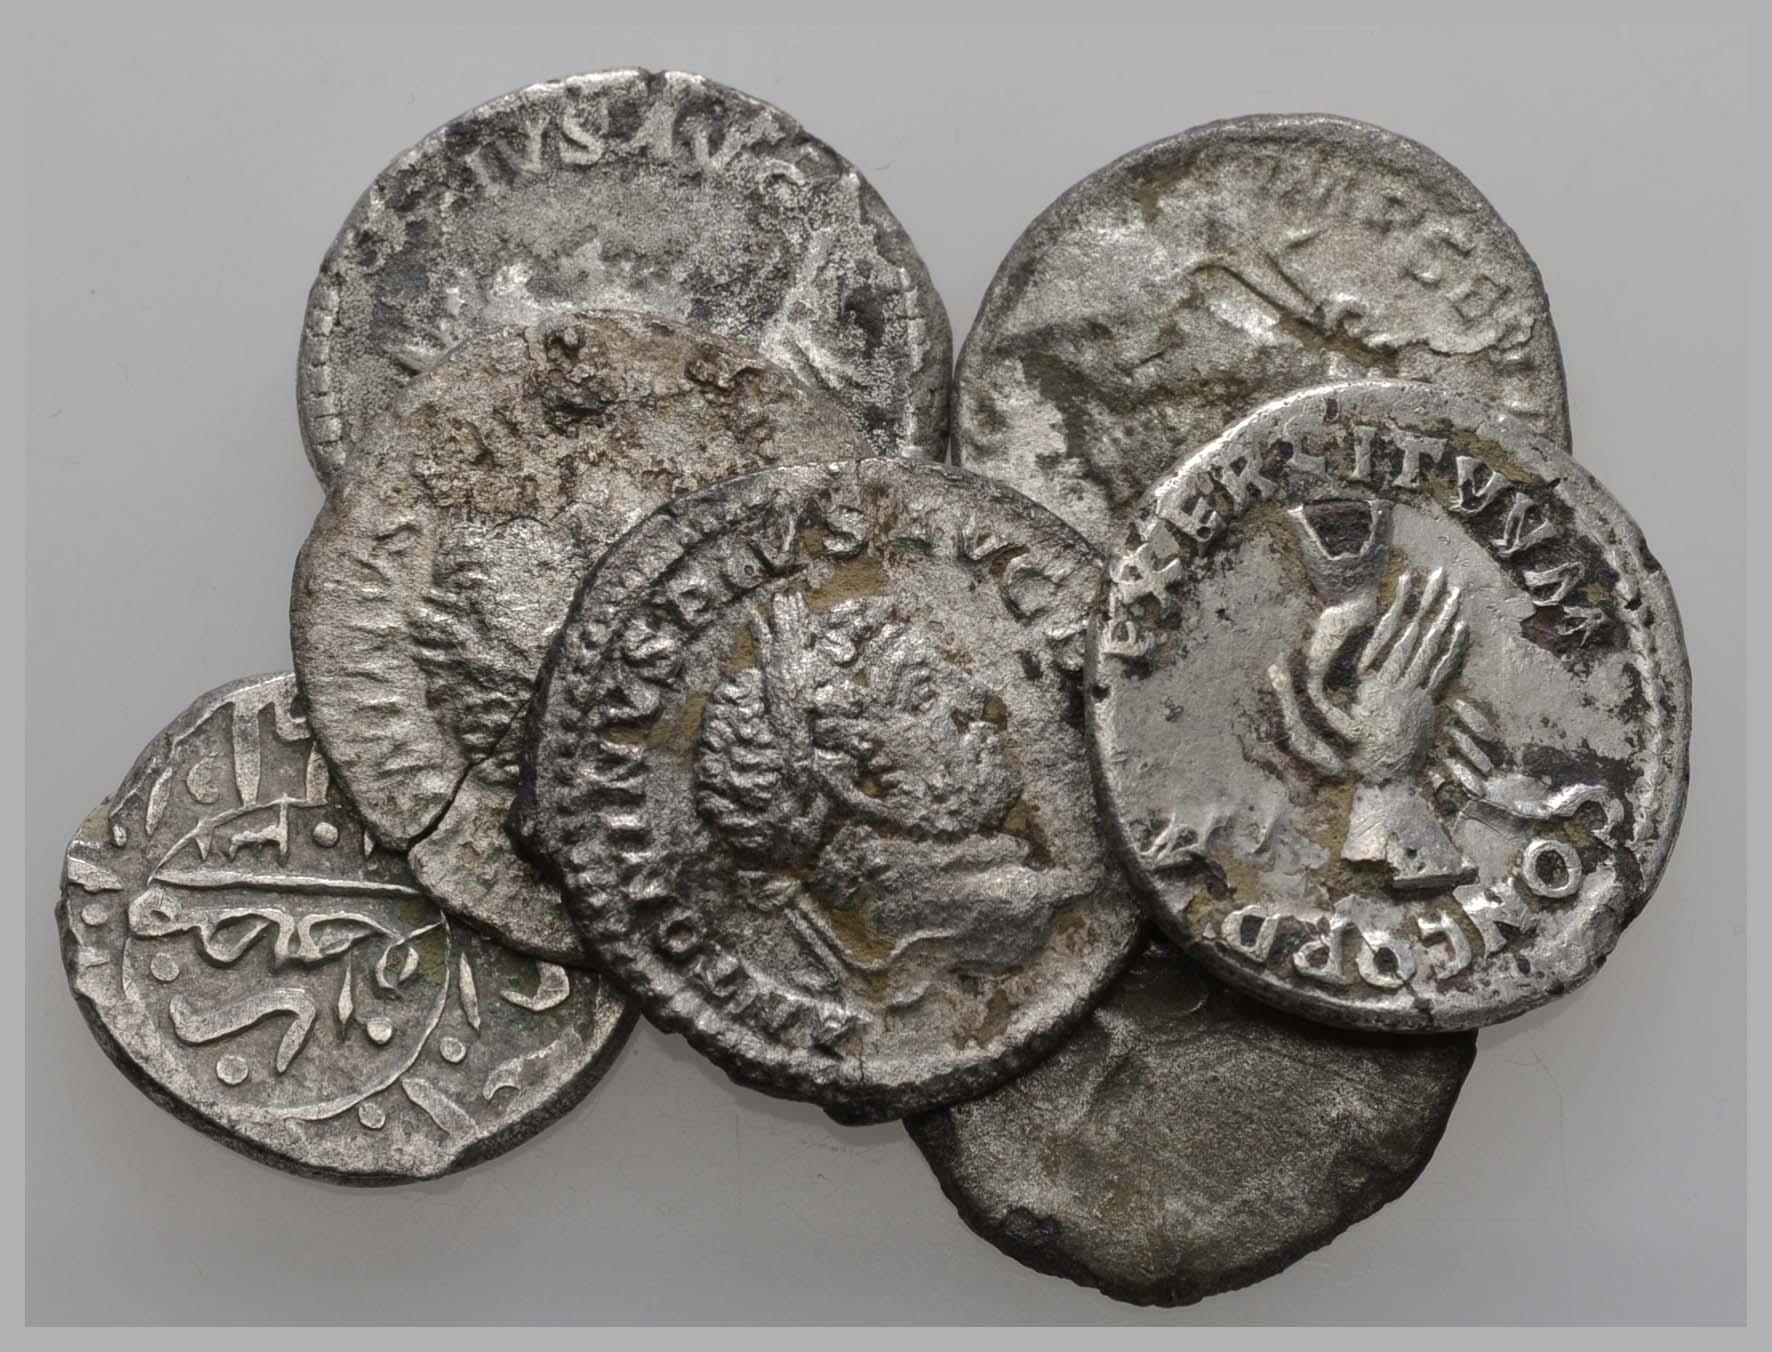 Lot 435 - Antike Lots und Sammlungen -  Auktionshaus Ulrich Felzmann GmbH & Co. KG Coins single lots